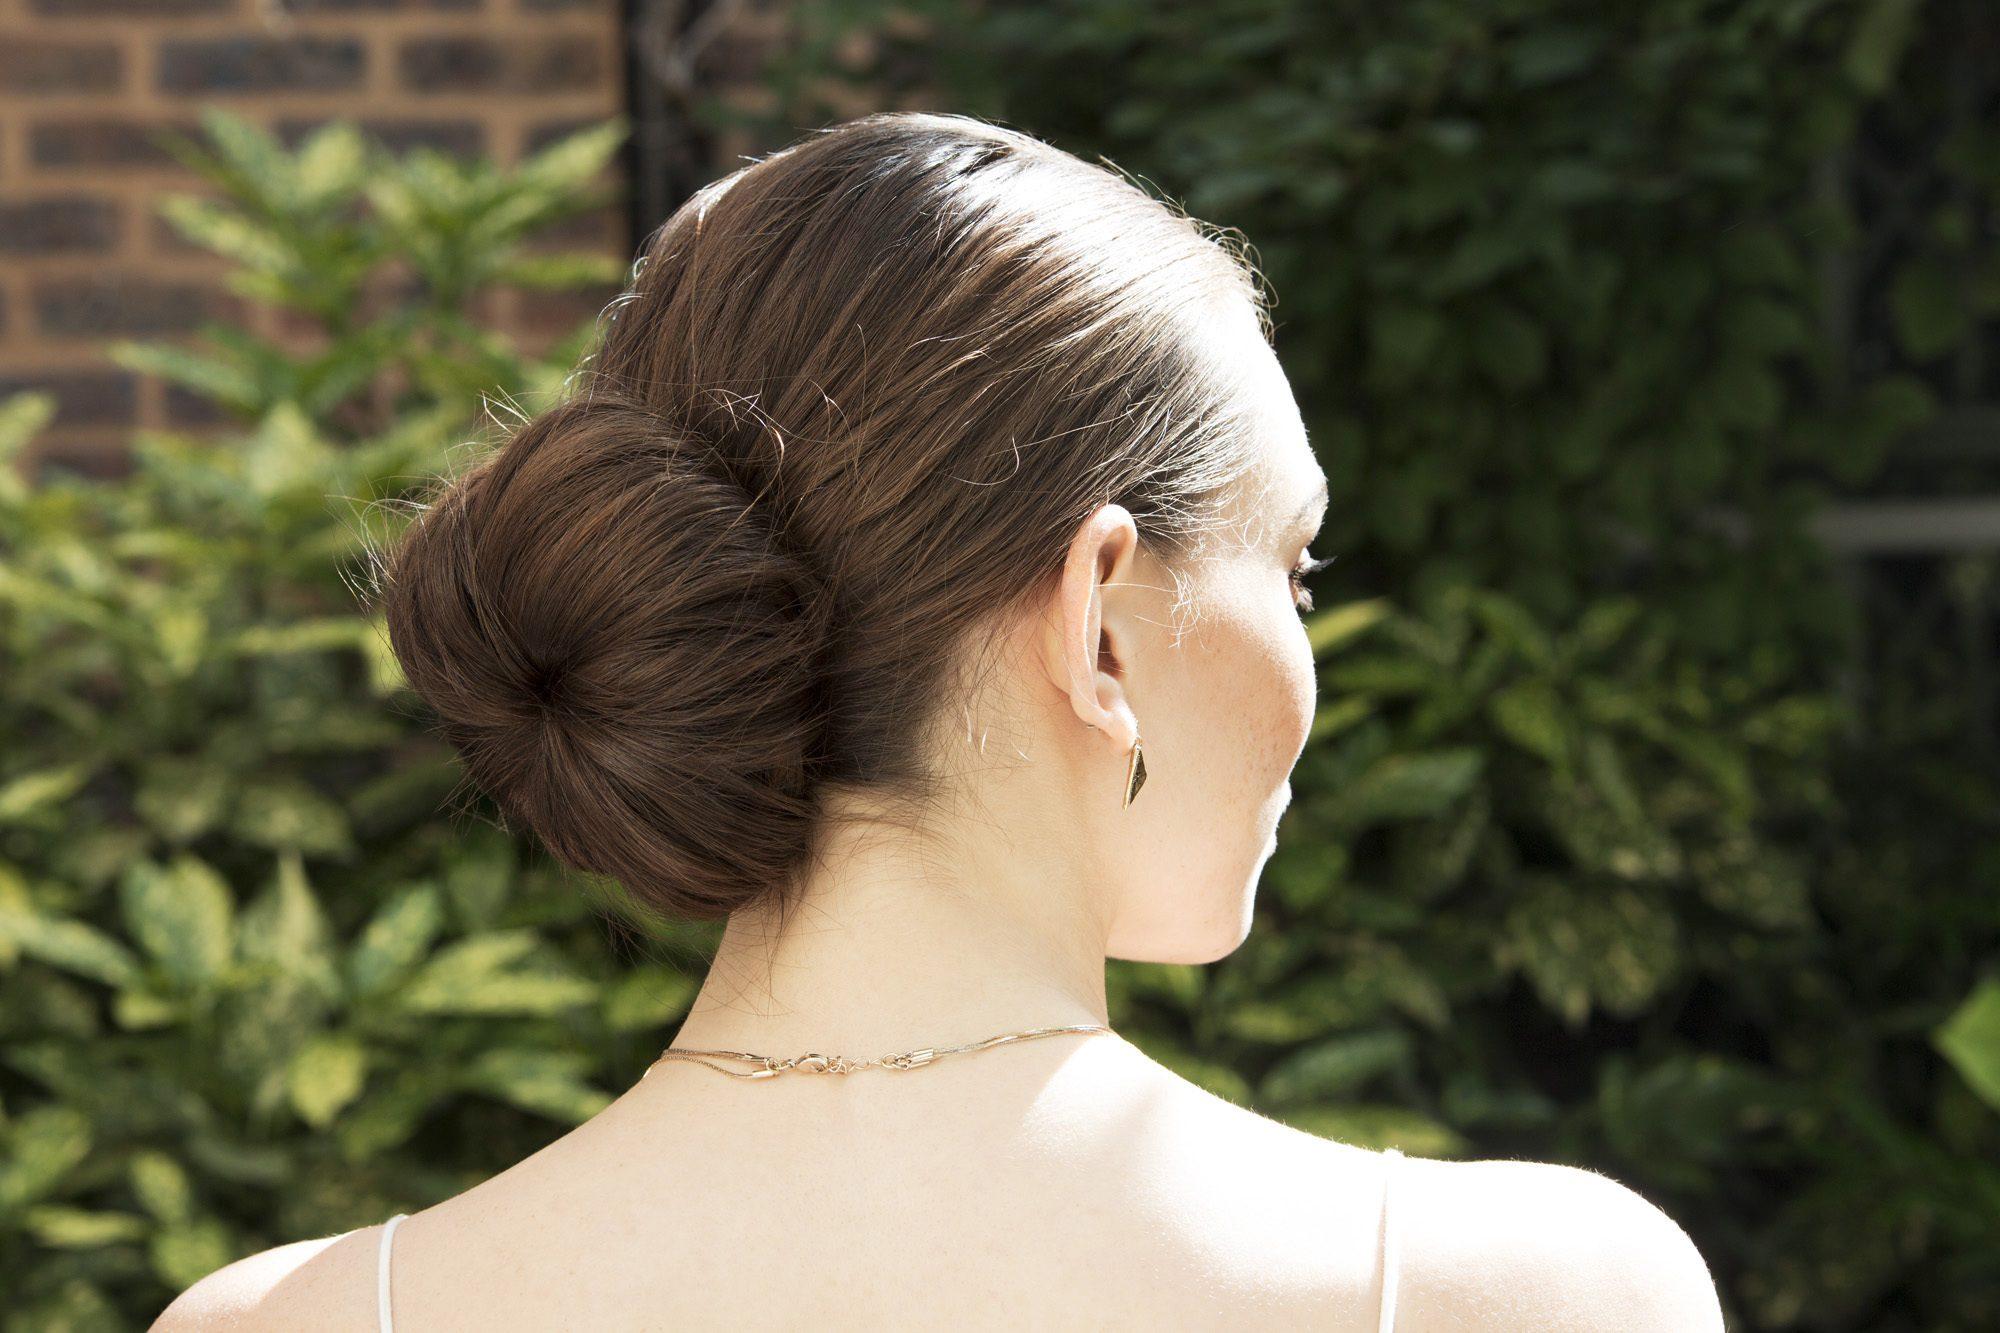 Cara menata rambut panjang untuk ke pesta dengan donut bun.